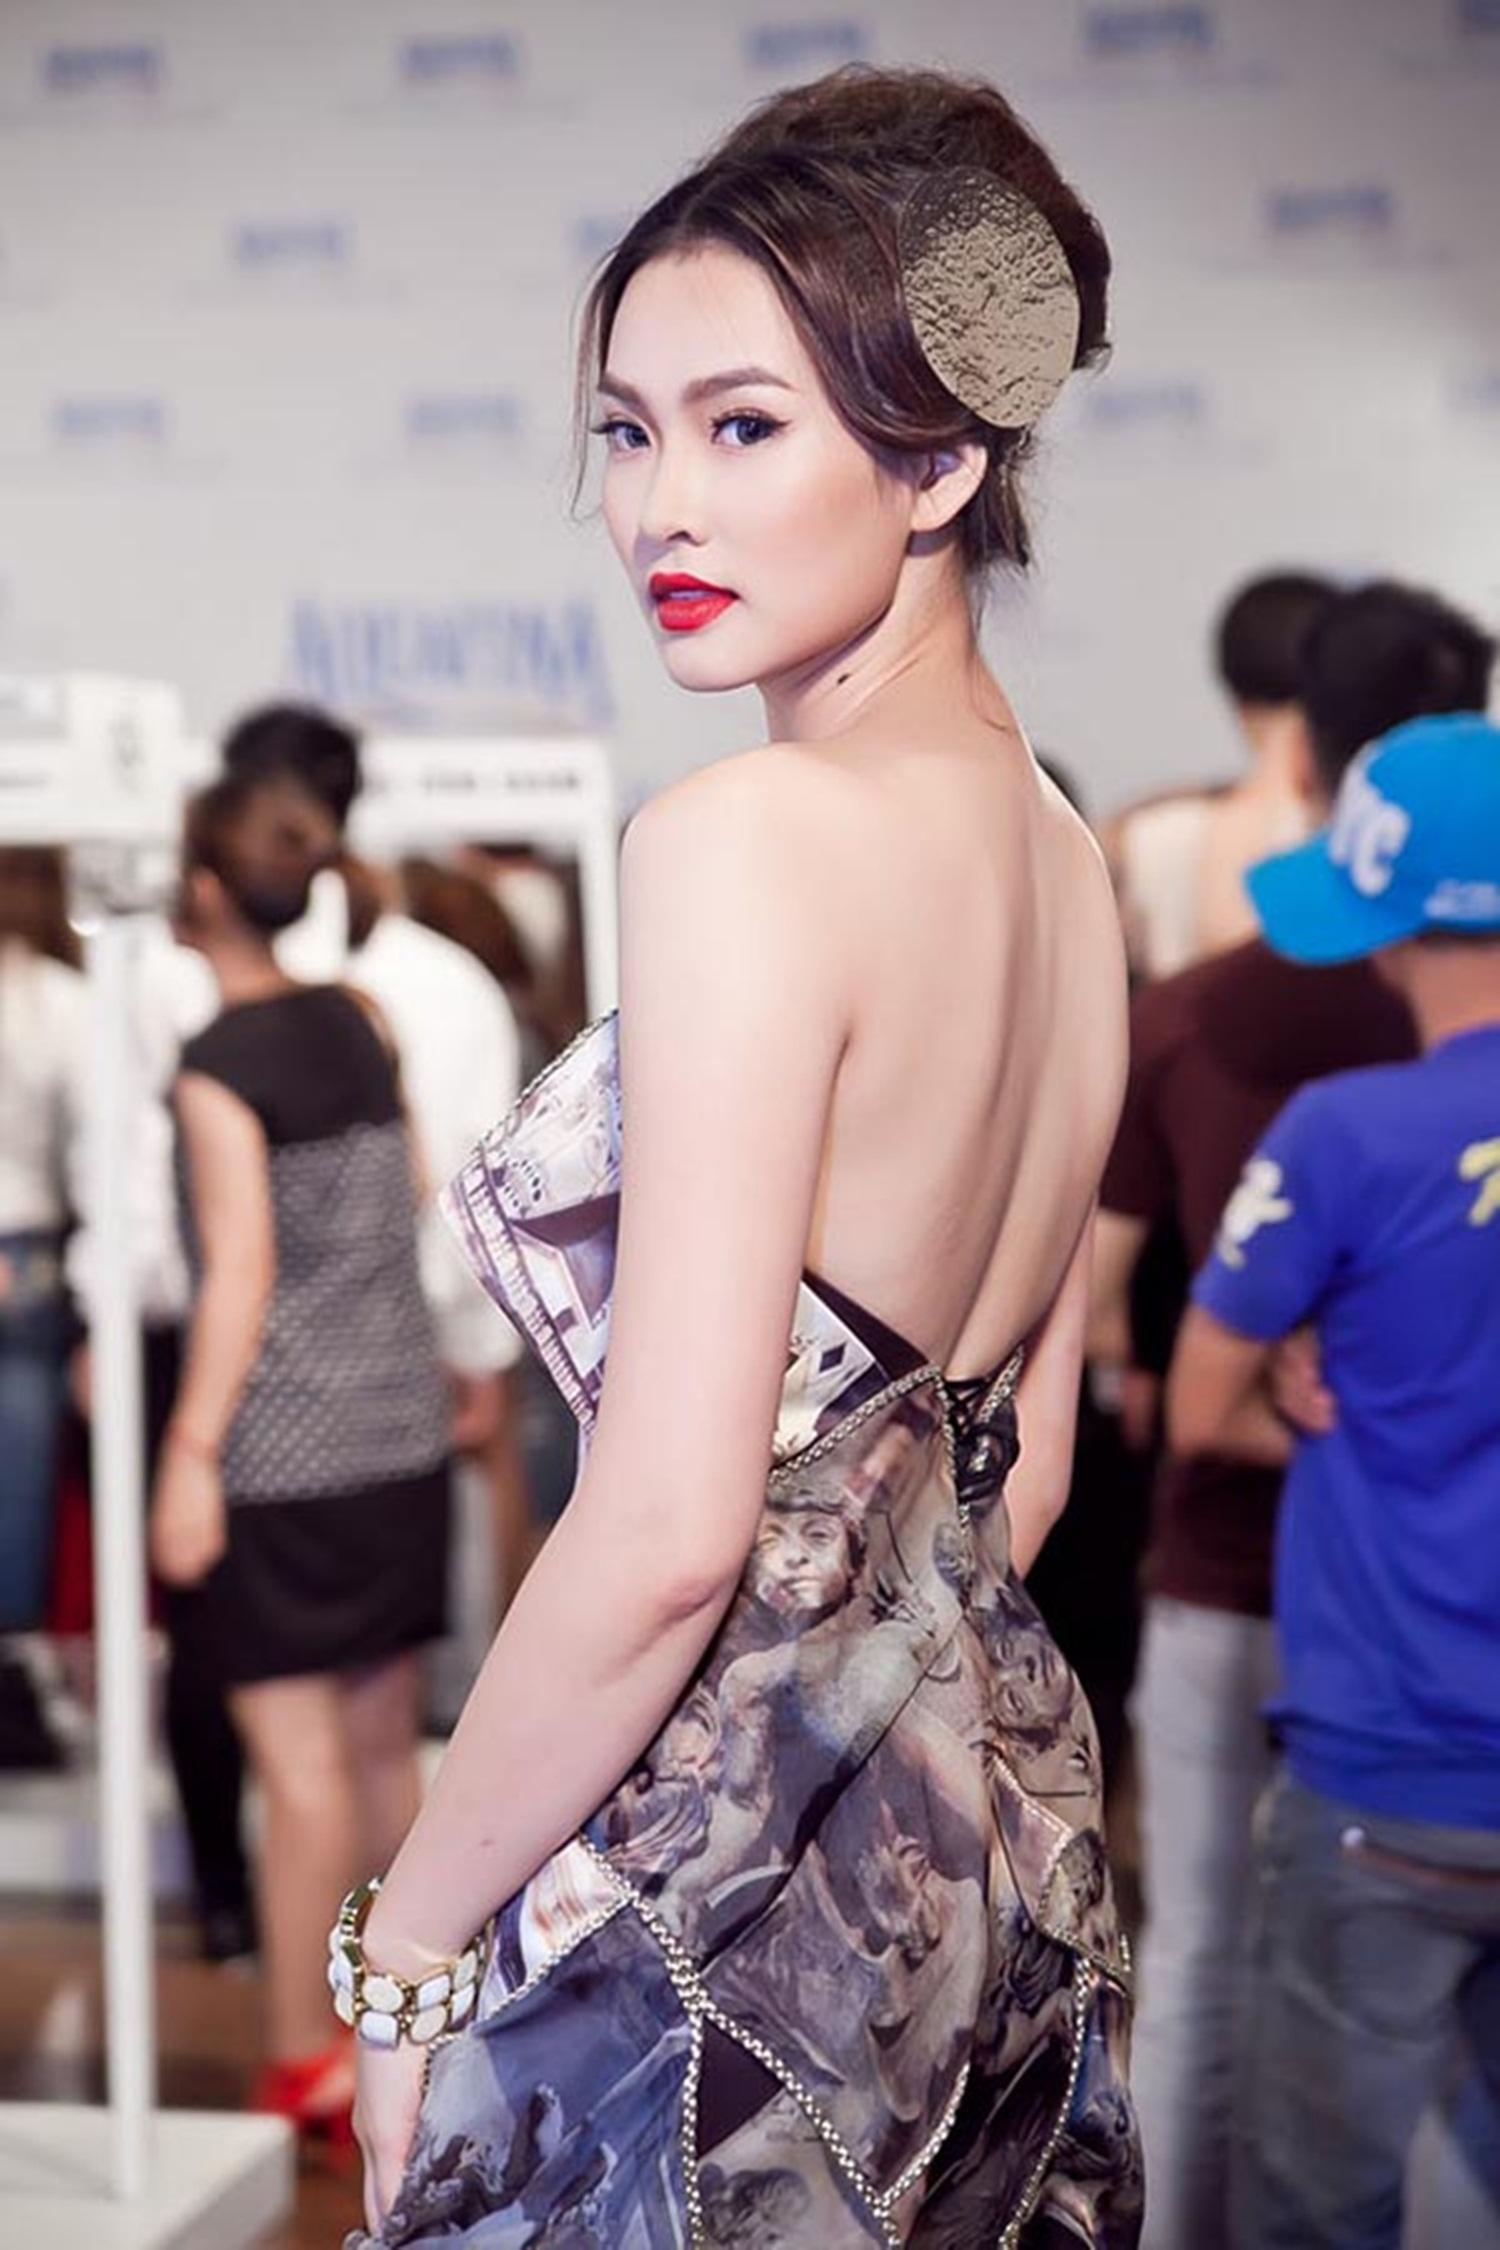 Hiện tại, Vương Thu Phương cũng đã có cuộc sống yên bình hơn sau những ồn ào tại cuộc thi Hoa hậu Việt Nam 2012. Cô tập trung kinh doanh và xuất hiện cầm chừng trong vai trò người mẫu.